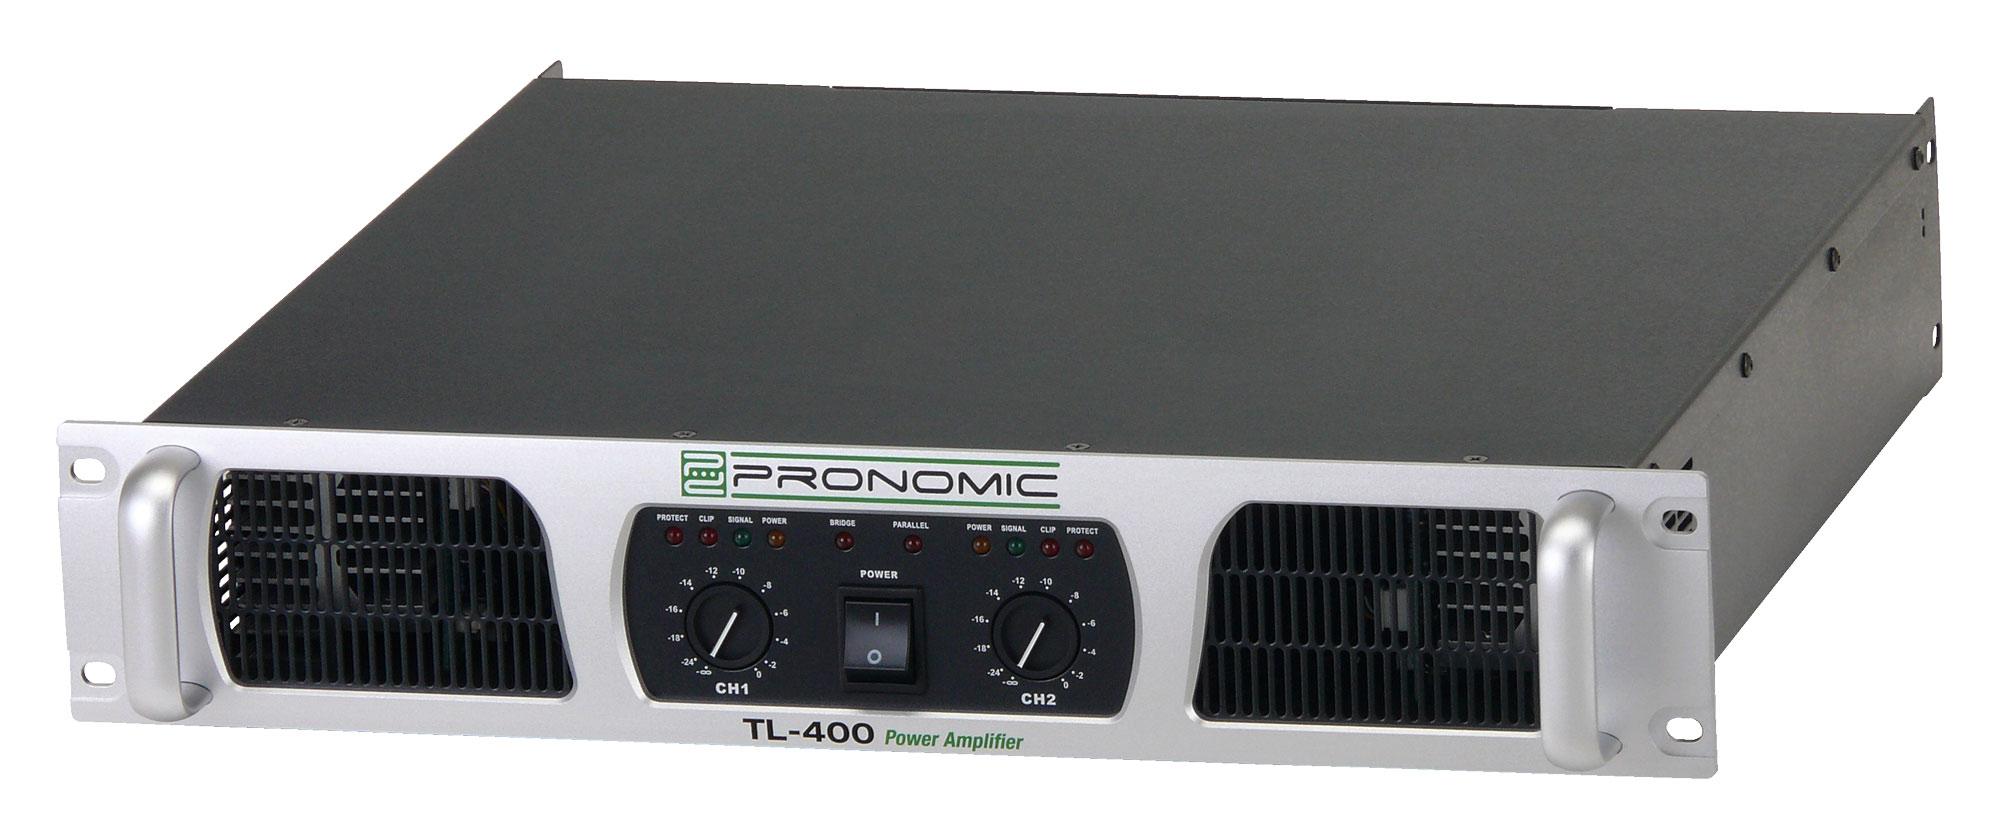 Pronomic TL 400 Endstufe 2x 1000 Watt unvollständig!